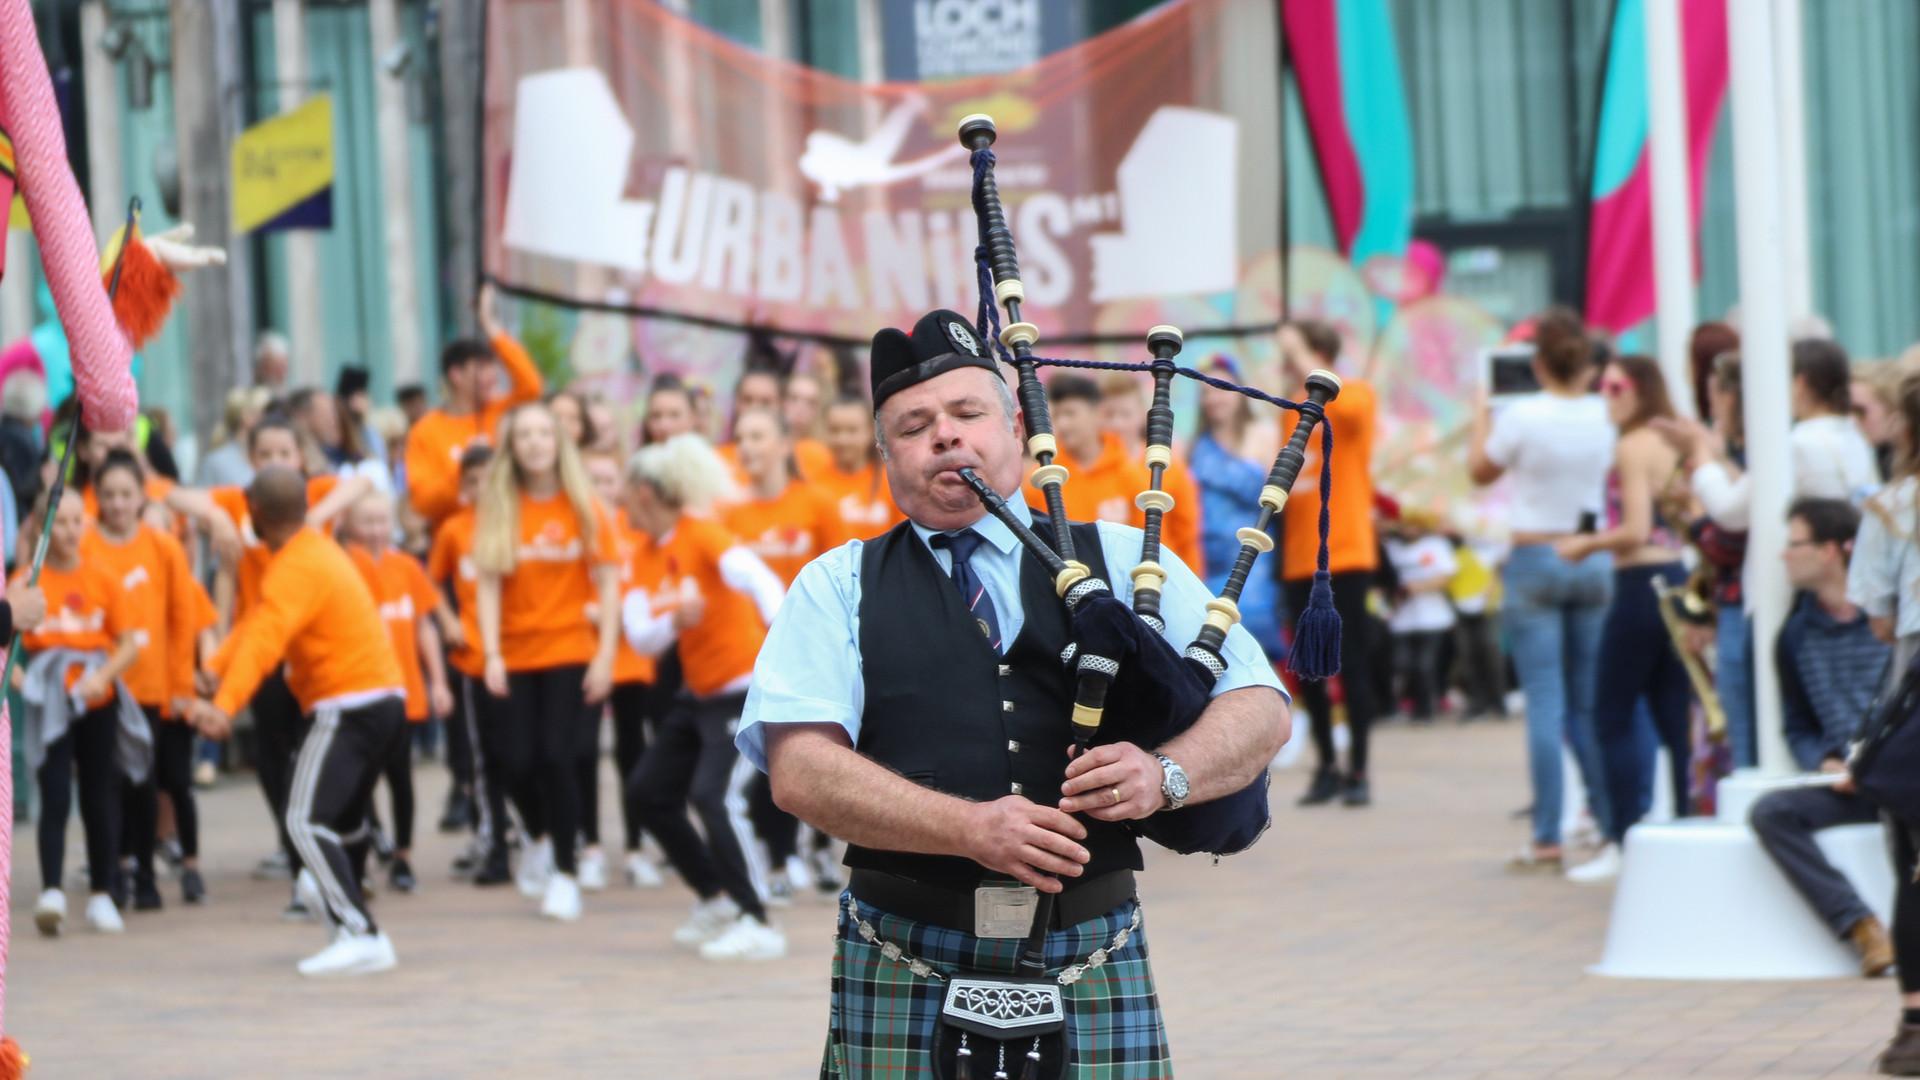 Festival 2018 Balloch Loch Lomond (7 of